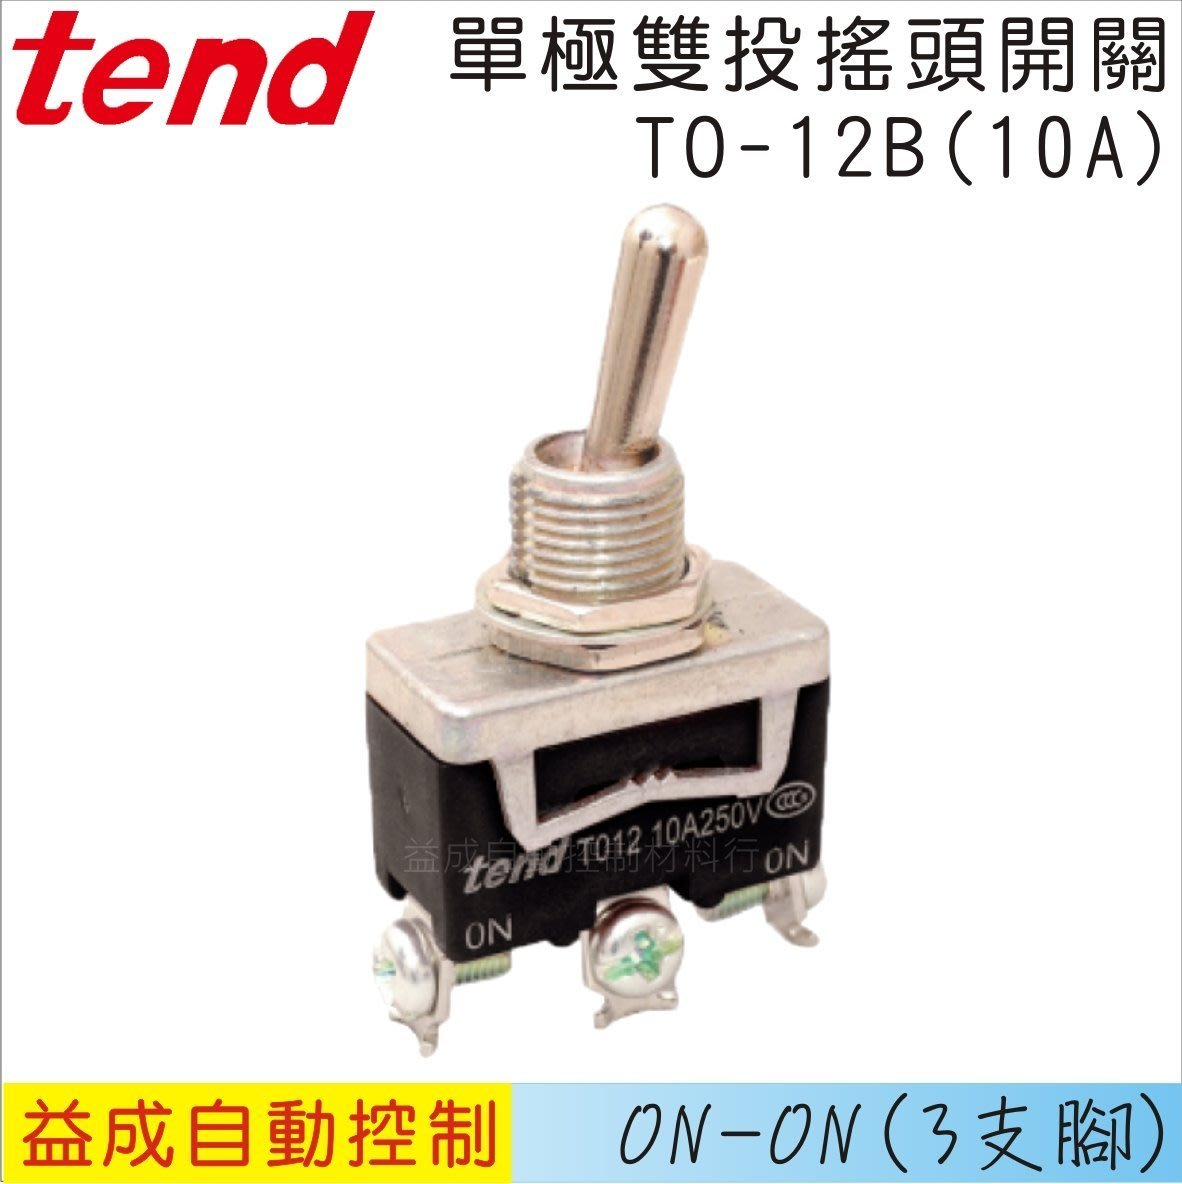 【益成自動控制材料行】TEND單極雙投搖頭開關(ON ON)TO-12B